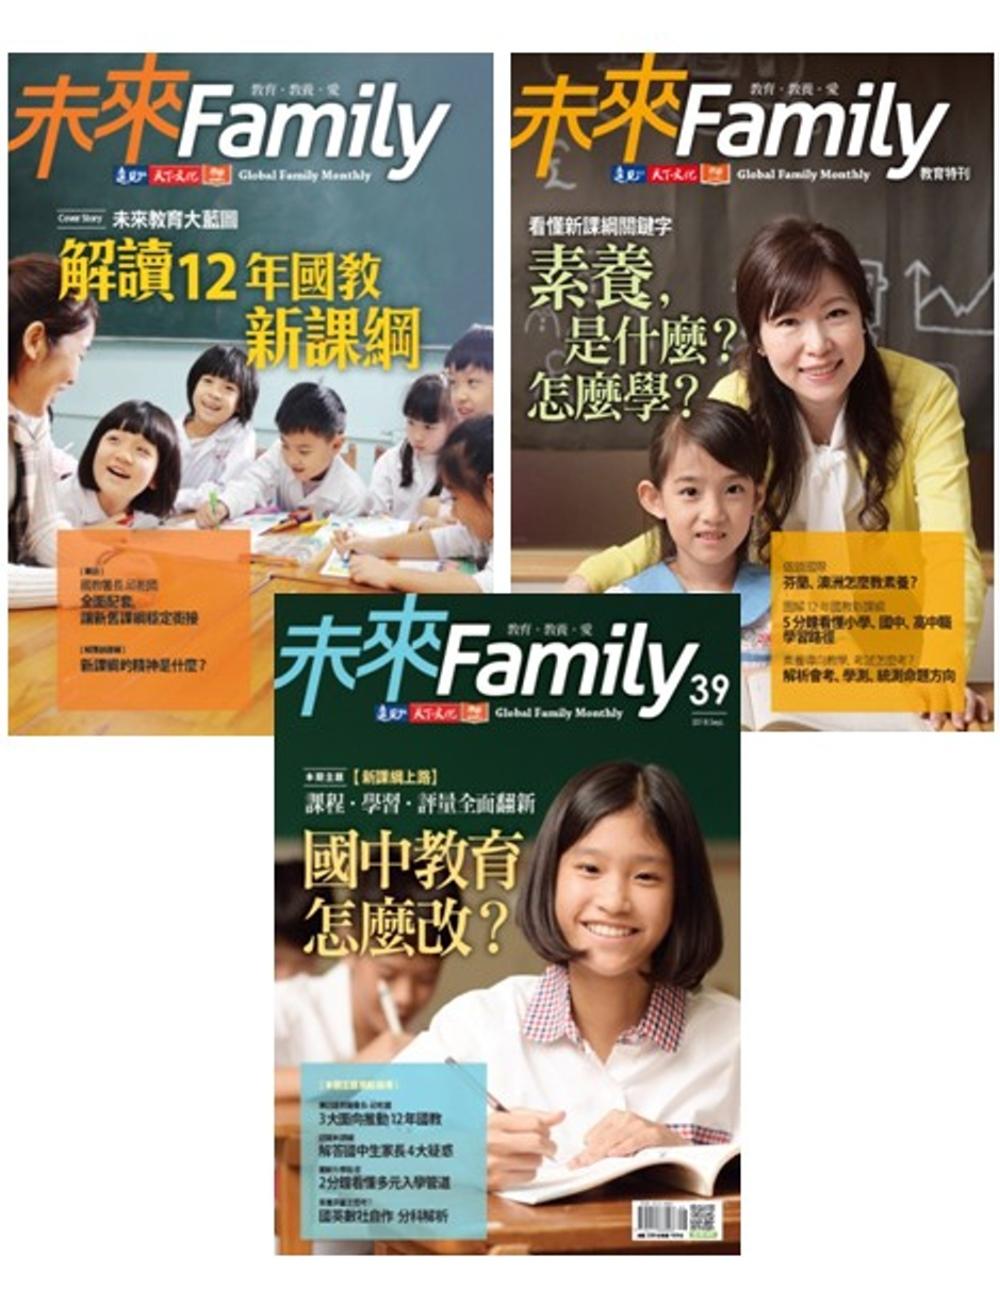 未來Family 新課綱三部曲:學校篇+家長篇+國中篇